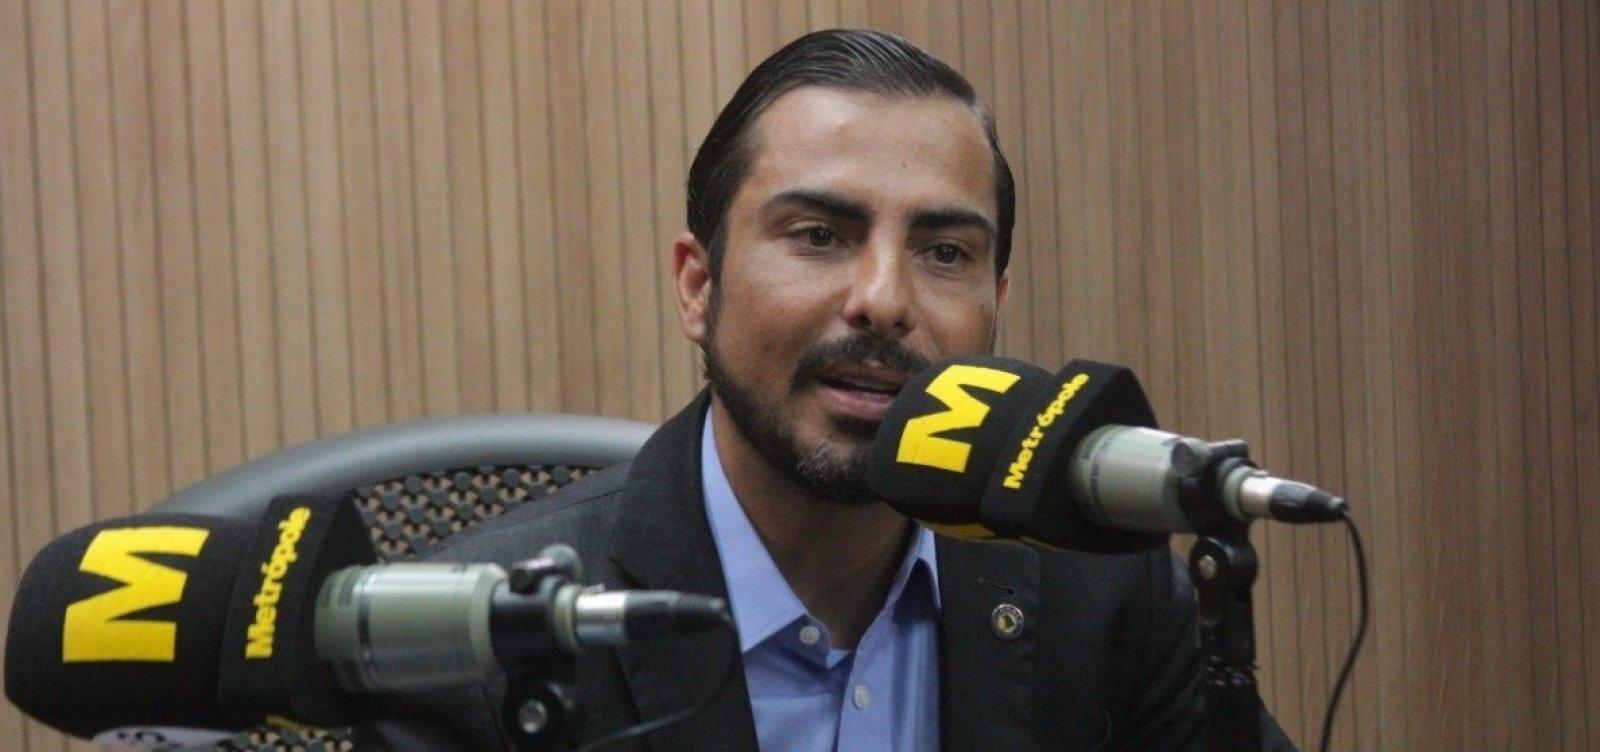 MP Eleitoral vai recorrer da absolvição de Marcell Moraes pelo TRE-BA